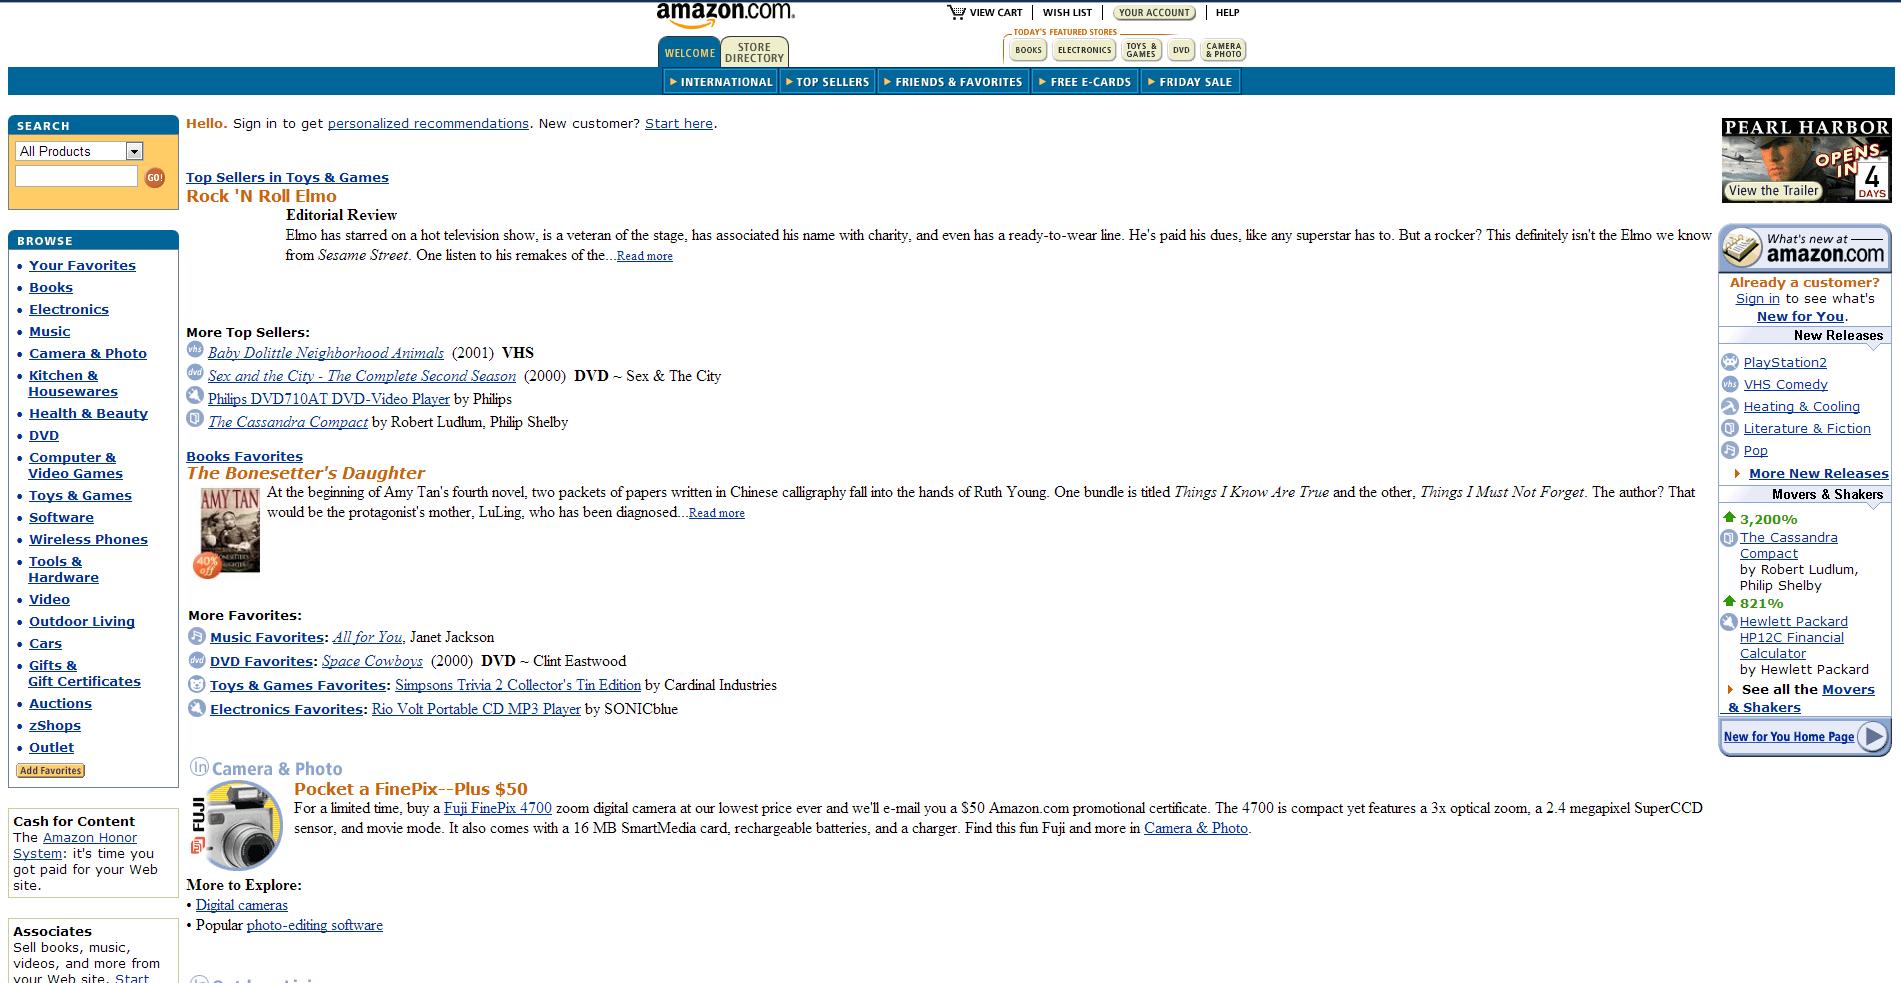 Amazon2001.PNG